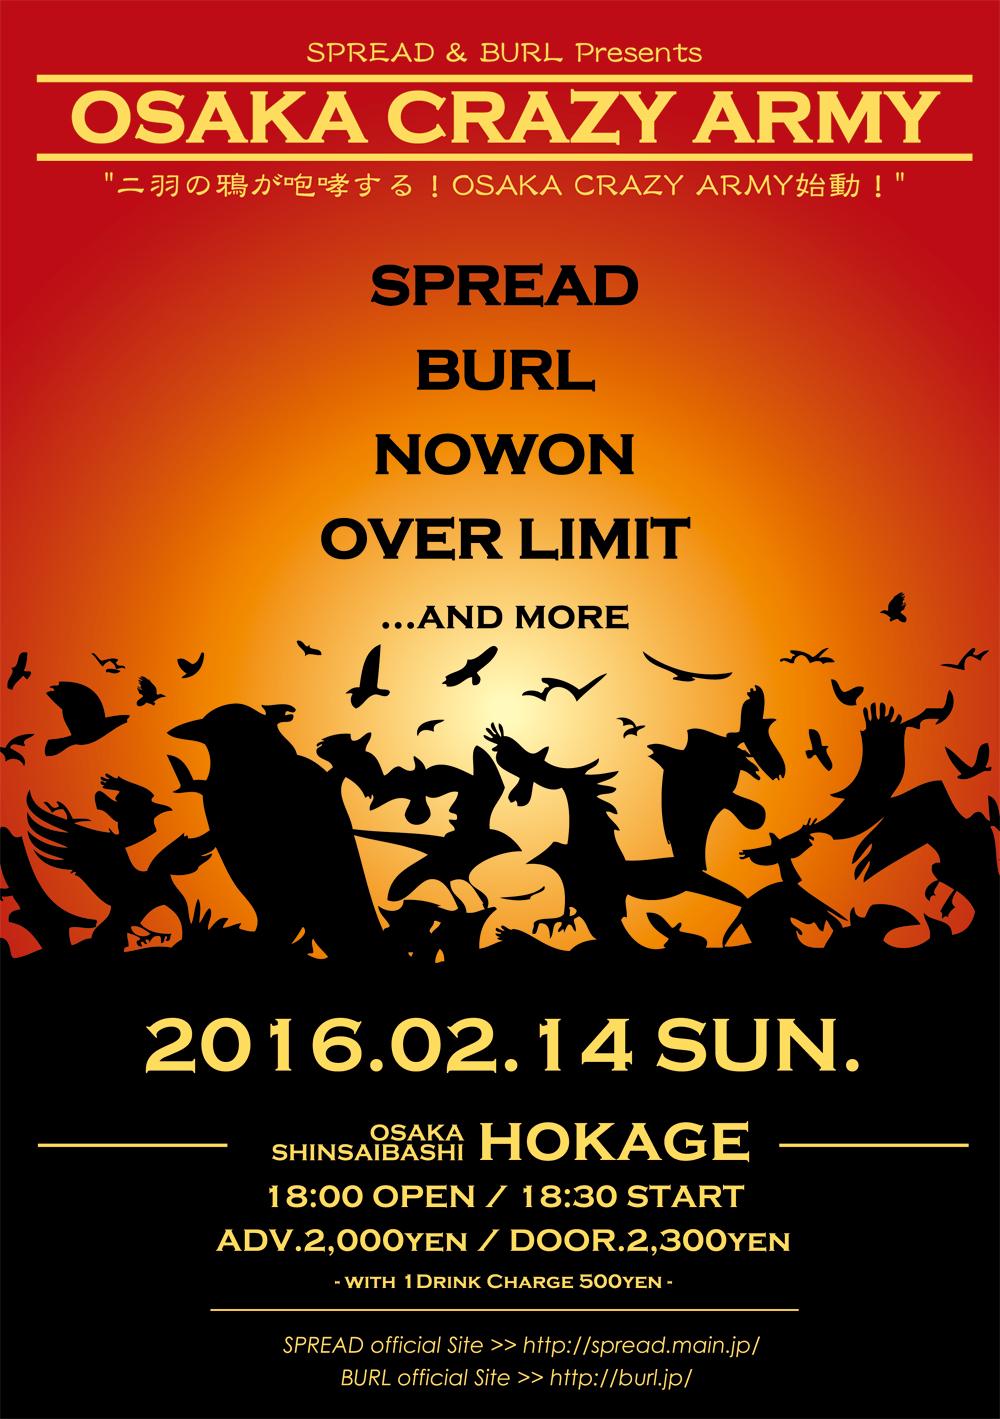 2月にSPREADとの合同イベント「OSAKA CRAZY ARMY」を開催!